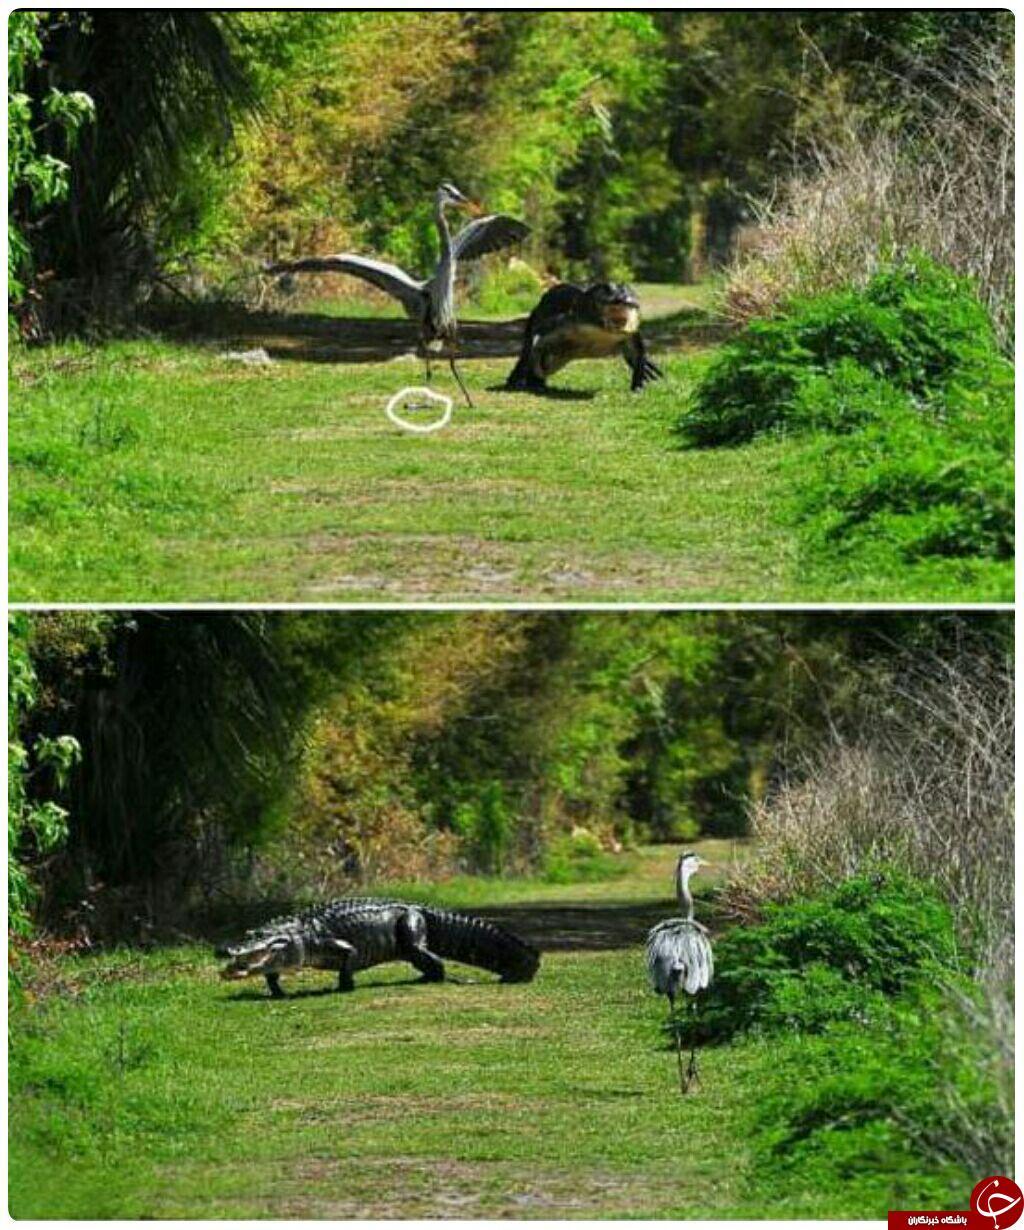 کروکودیلی که ازدست یک پرنده می گریزد+عکس